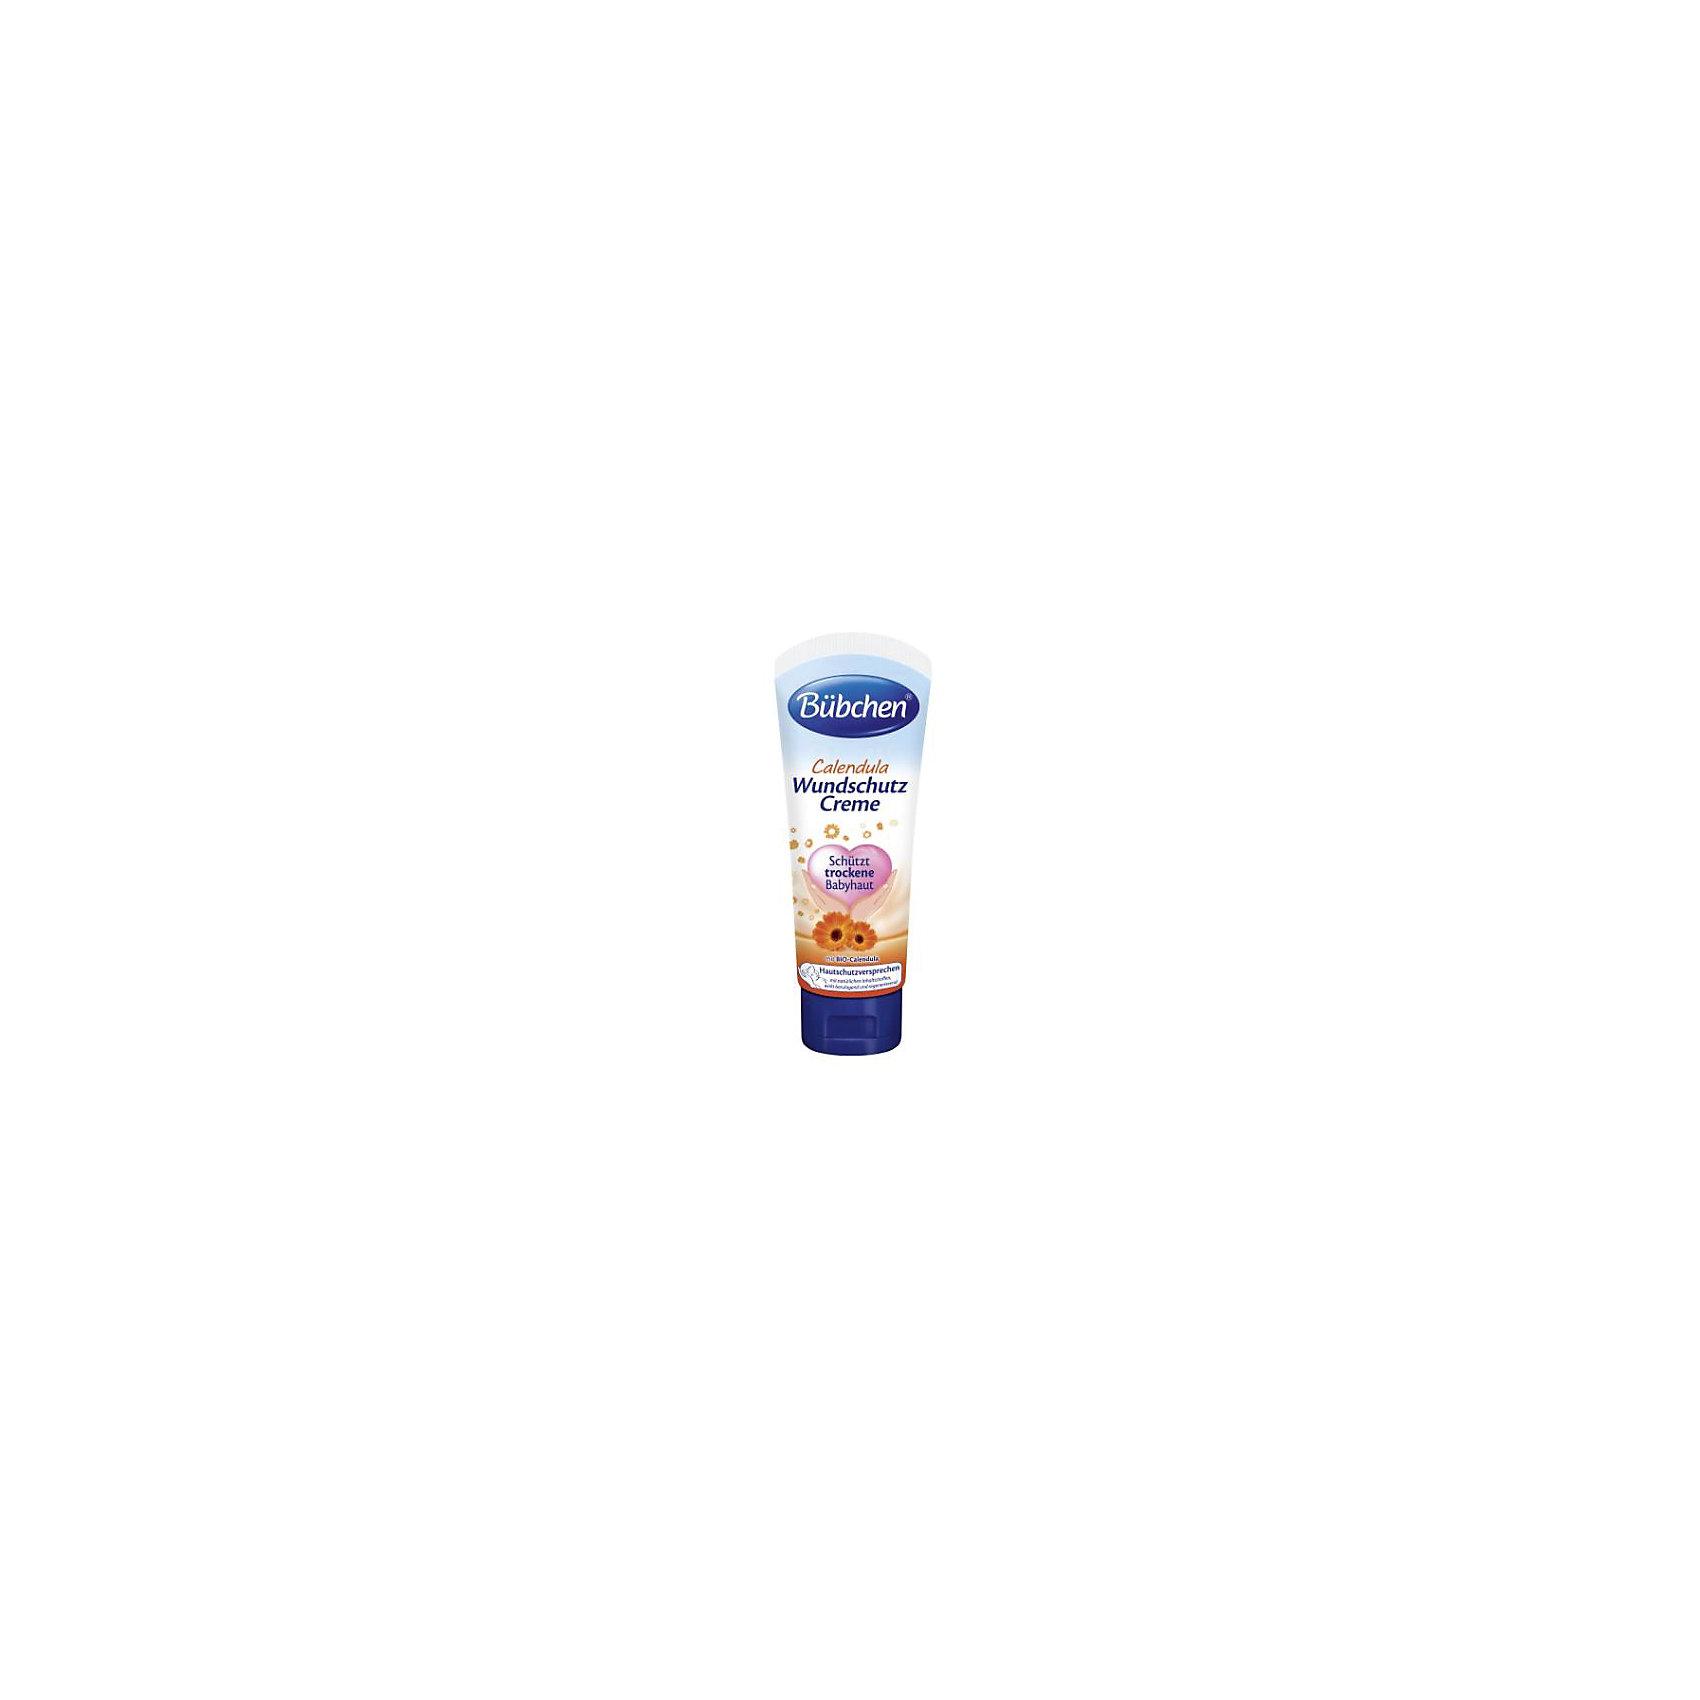 Специальный защитный крем Календула, BUBCHEN, 75 мл.Косметика для младенцев<br>Специальный защитный крем Календула, BUBCHEN, 75 мл.– это то, что вы искали для своего малыша. Этот крем в классической укаповке-тюбике подходит для усранения покраснений в области подгузника. Благодаря экстракту календулы крем оказывает противовоспалительное и антибактериальное воздействие, а натуральные природные масла и пантенол увлажняют, восстанавливают и успокаивают кожу. Способ применения: нанесите небольшое количество на чистую сухую кожу малыша легкими массирующими движениями. <br>Дополнительная информация:<br>- Без красителей<br>- Без консервантов<br>- Подходит для ежедневного ухода<br>- Размер: 50 * 100 * 50 мм<br><br>Специальный защитный крем Календула, BUBCHEN, 75 мл. можно купить в нашем интернет-магазине.<br><br>Подробнее:<br>• Для детей в возрасте: от 0 лет<br>• Номер товара: 4940220<br>Страна производитель: Германия<br><br>Ширина мм: 50<br>Глубина мм: 100<br>Высота мм: 50<br>Вес г: 80<br>Возраст от месяцев: -2147483648<br>Возраст до месяцев: 2147483647<br>Пол: Унисекс<br>Возраст: Детский<br>SKU: 4940220